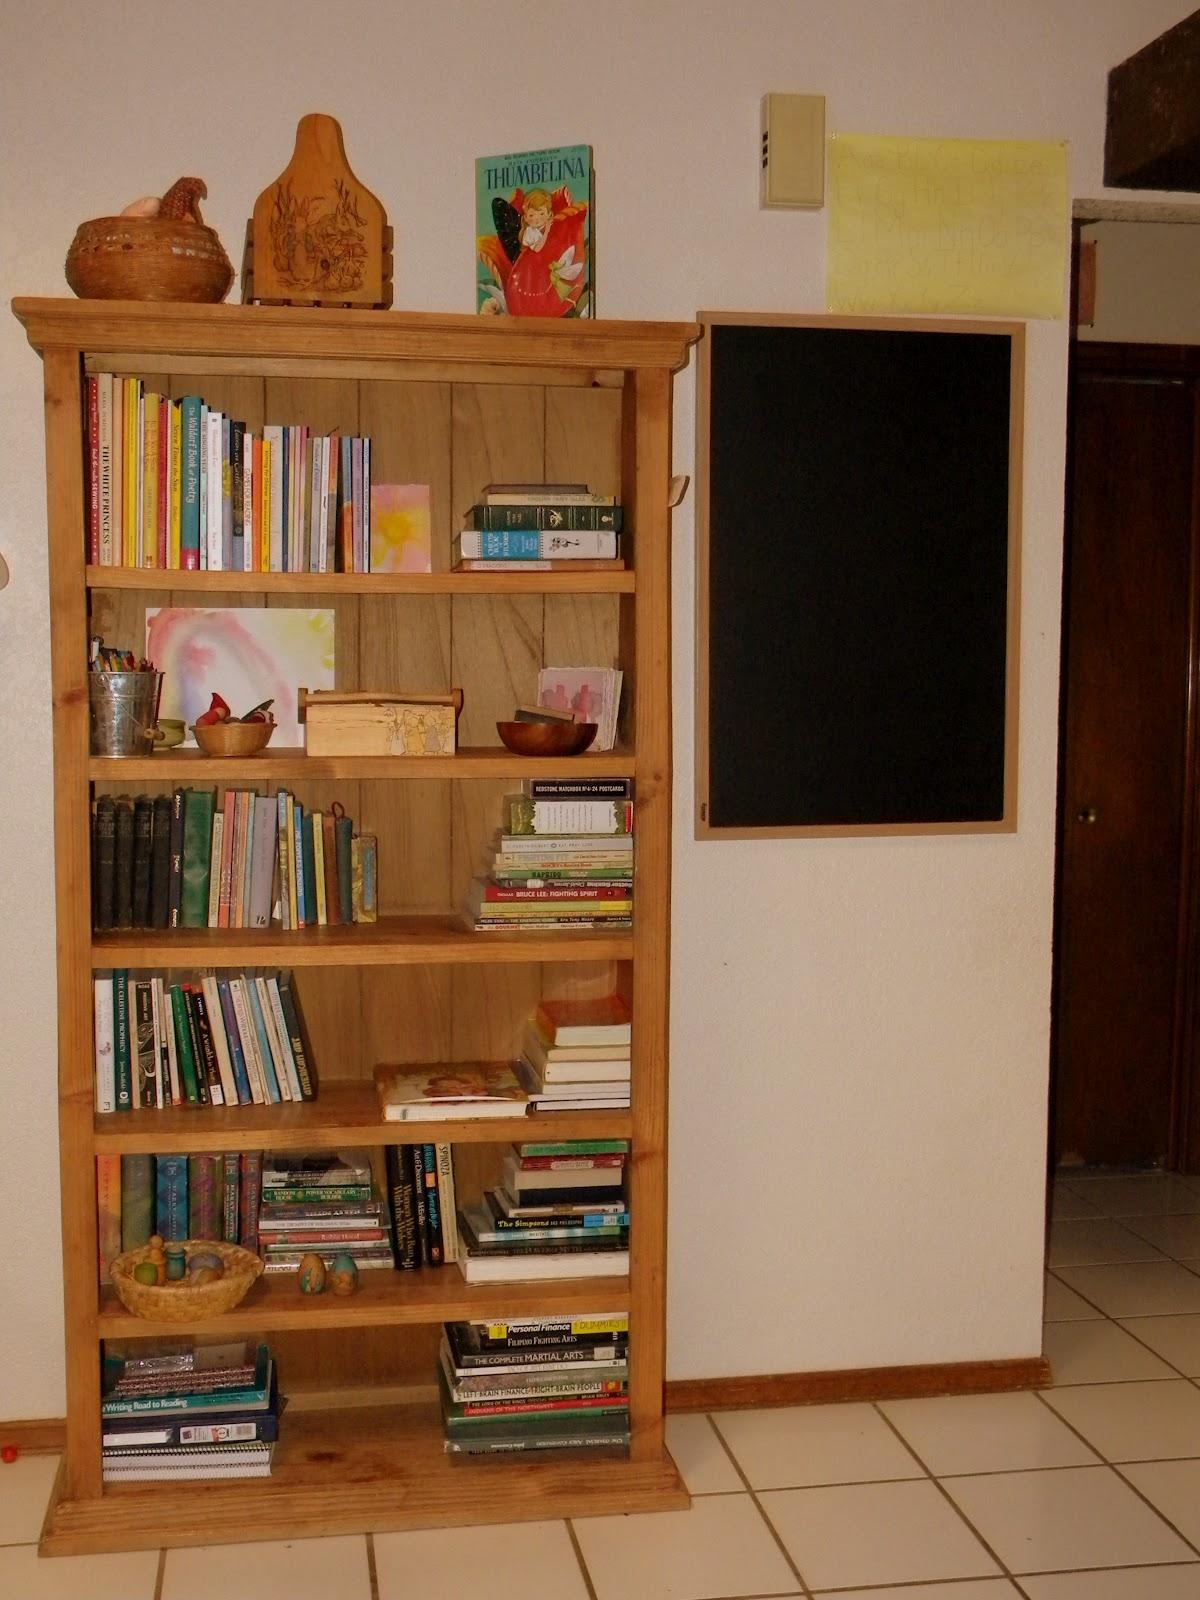 Bookshelf Designs For Home Throughout Bookshelf Designs For Home (#9 of 15)